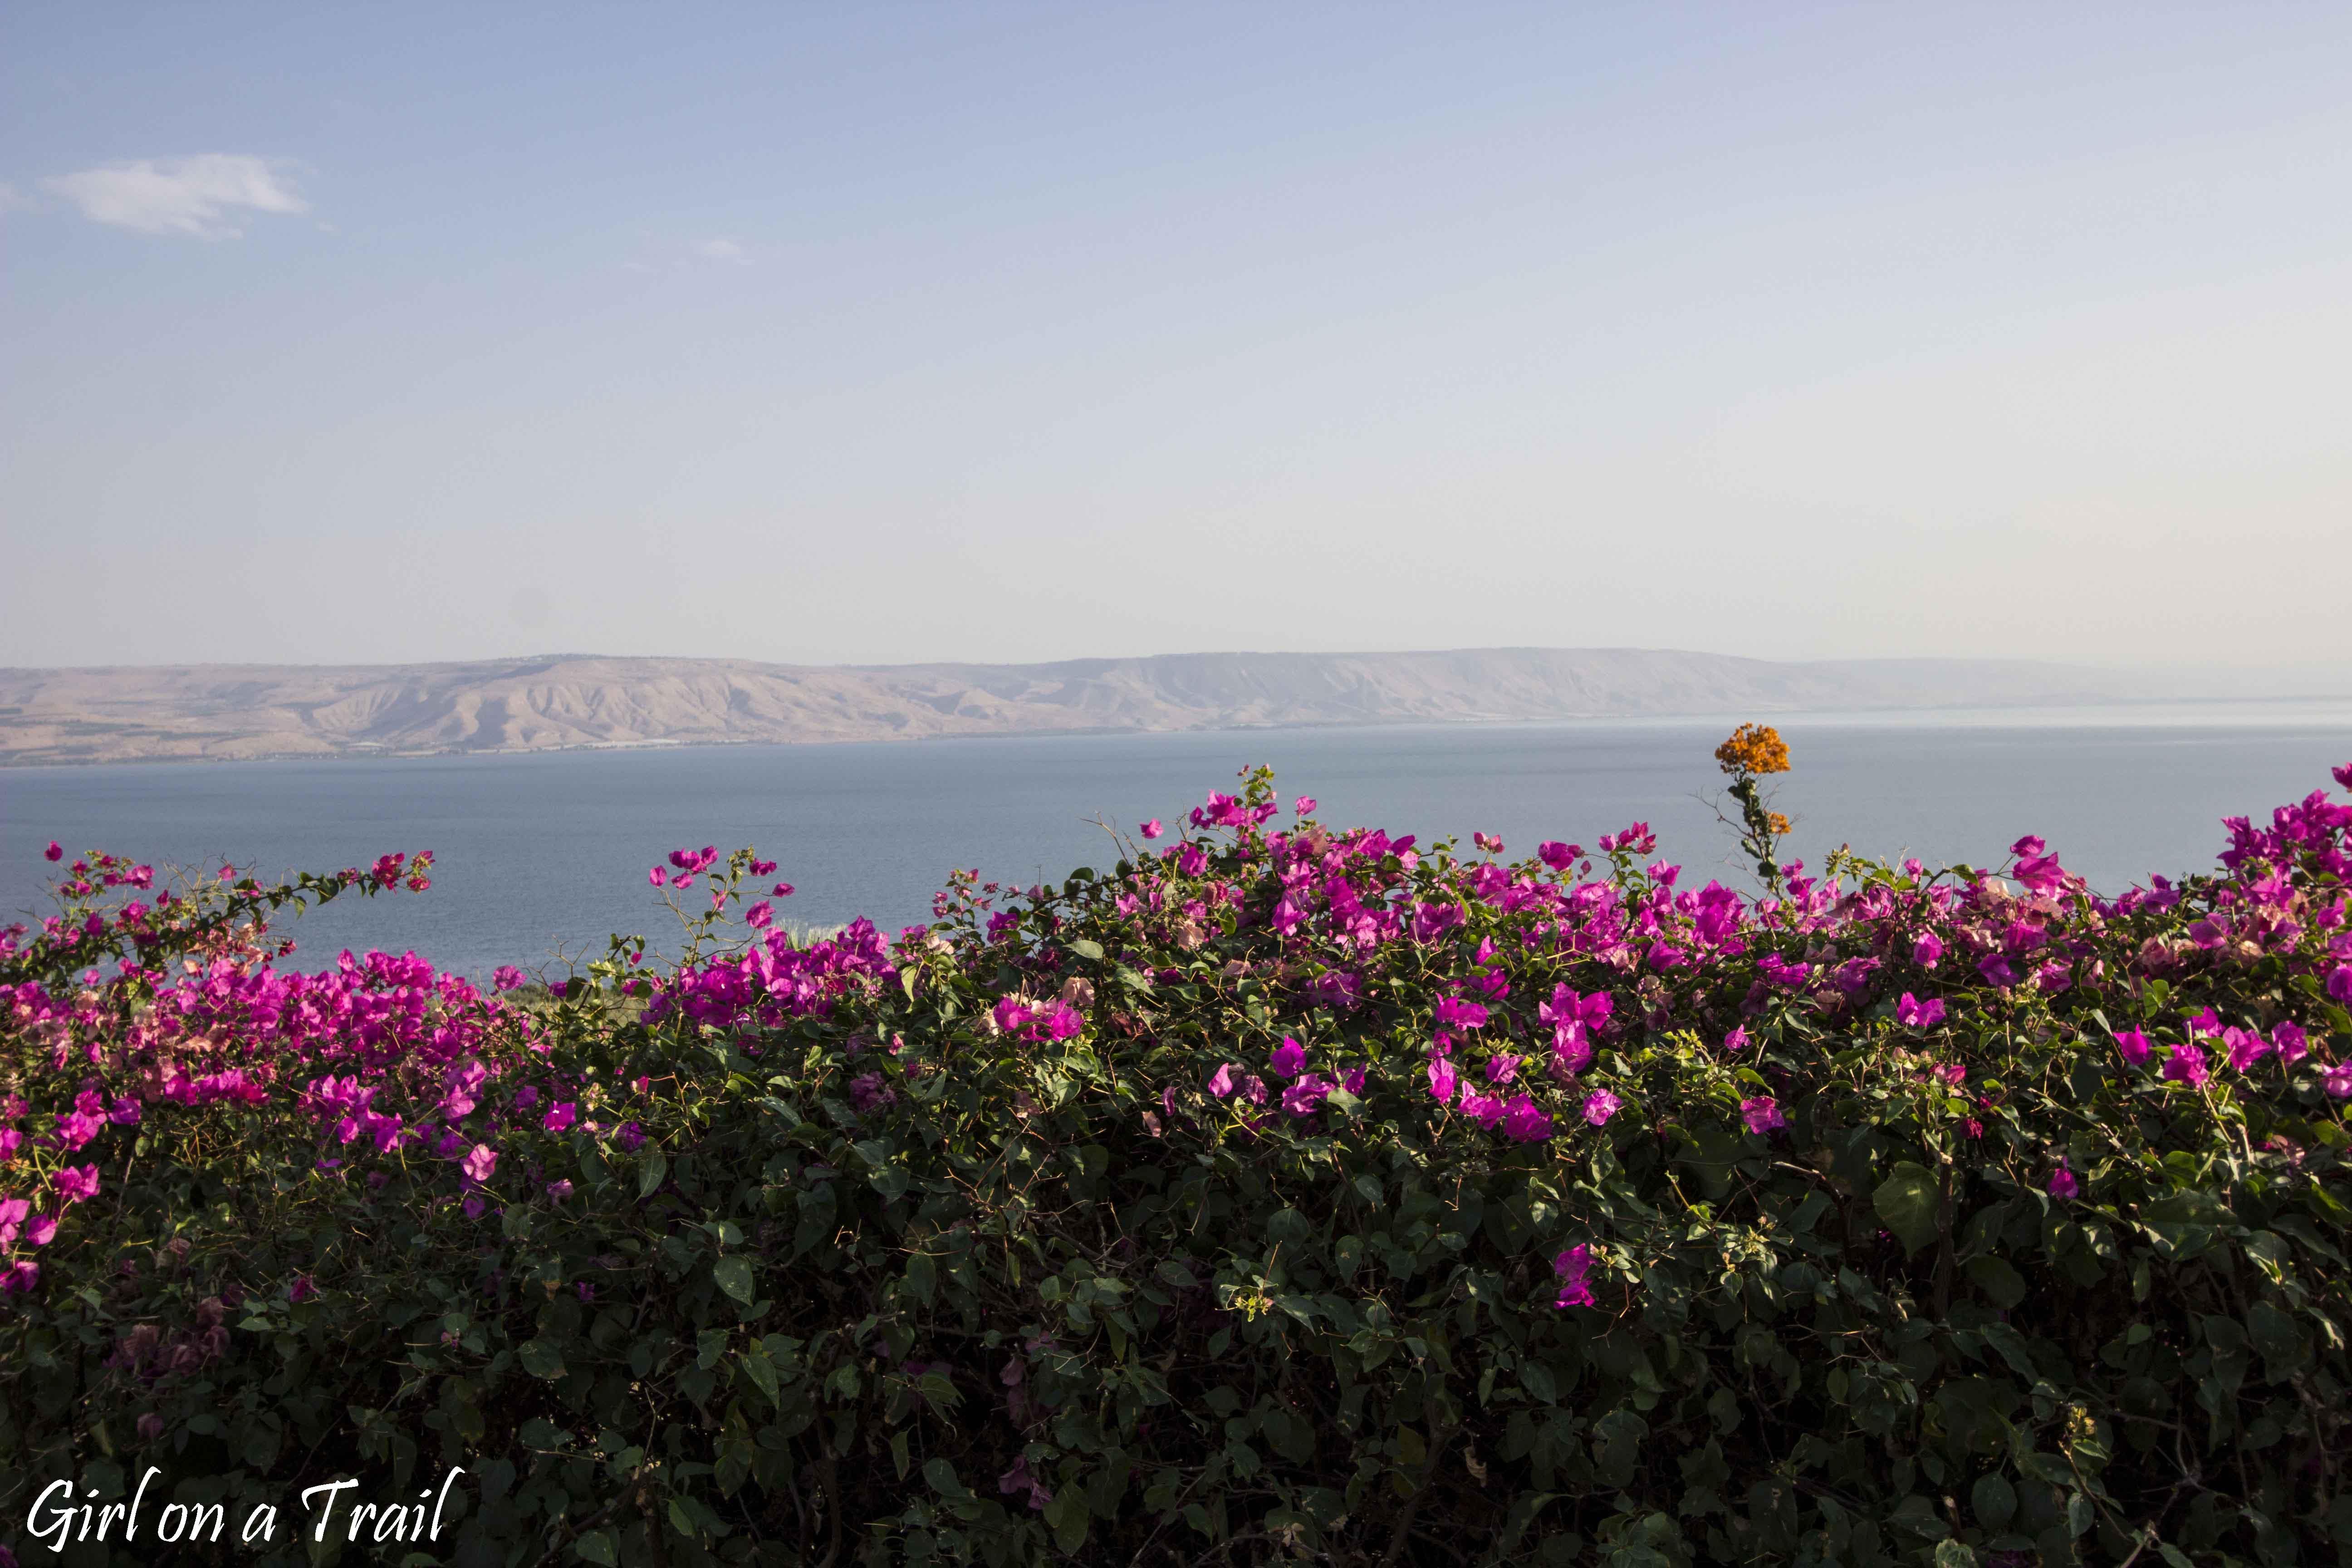 Jezioro Galilejskie - Góra Błogosławieństw